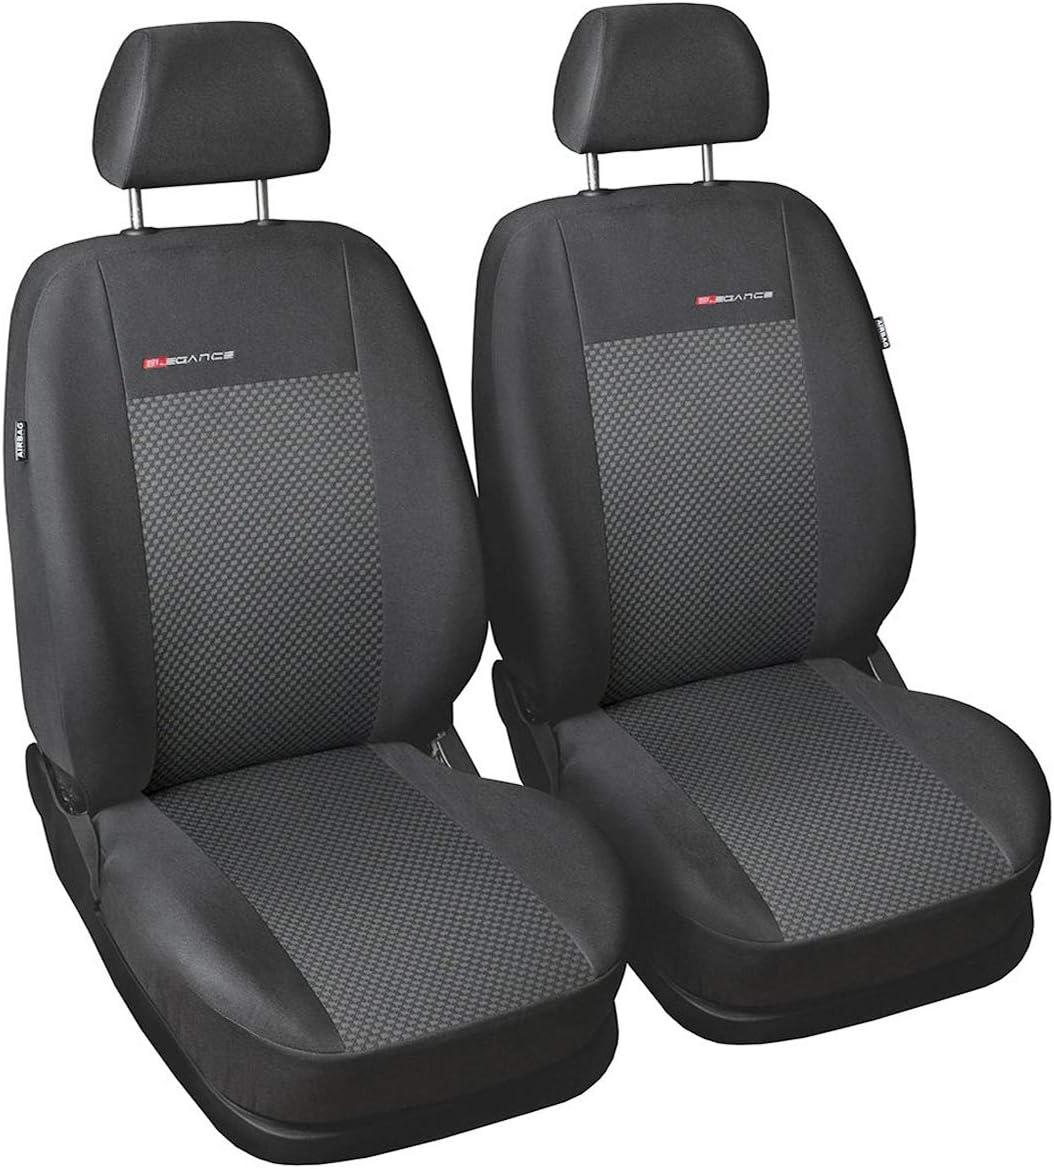 Sitzbezüge Sitzbezug Schonbezüge für Citroen DS4 Vordersitze Elegance P1